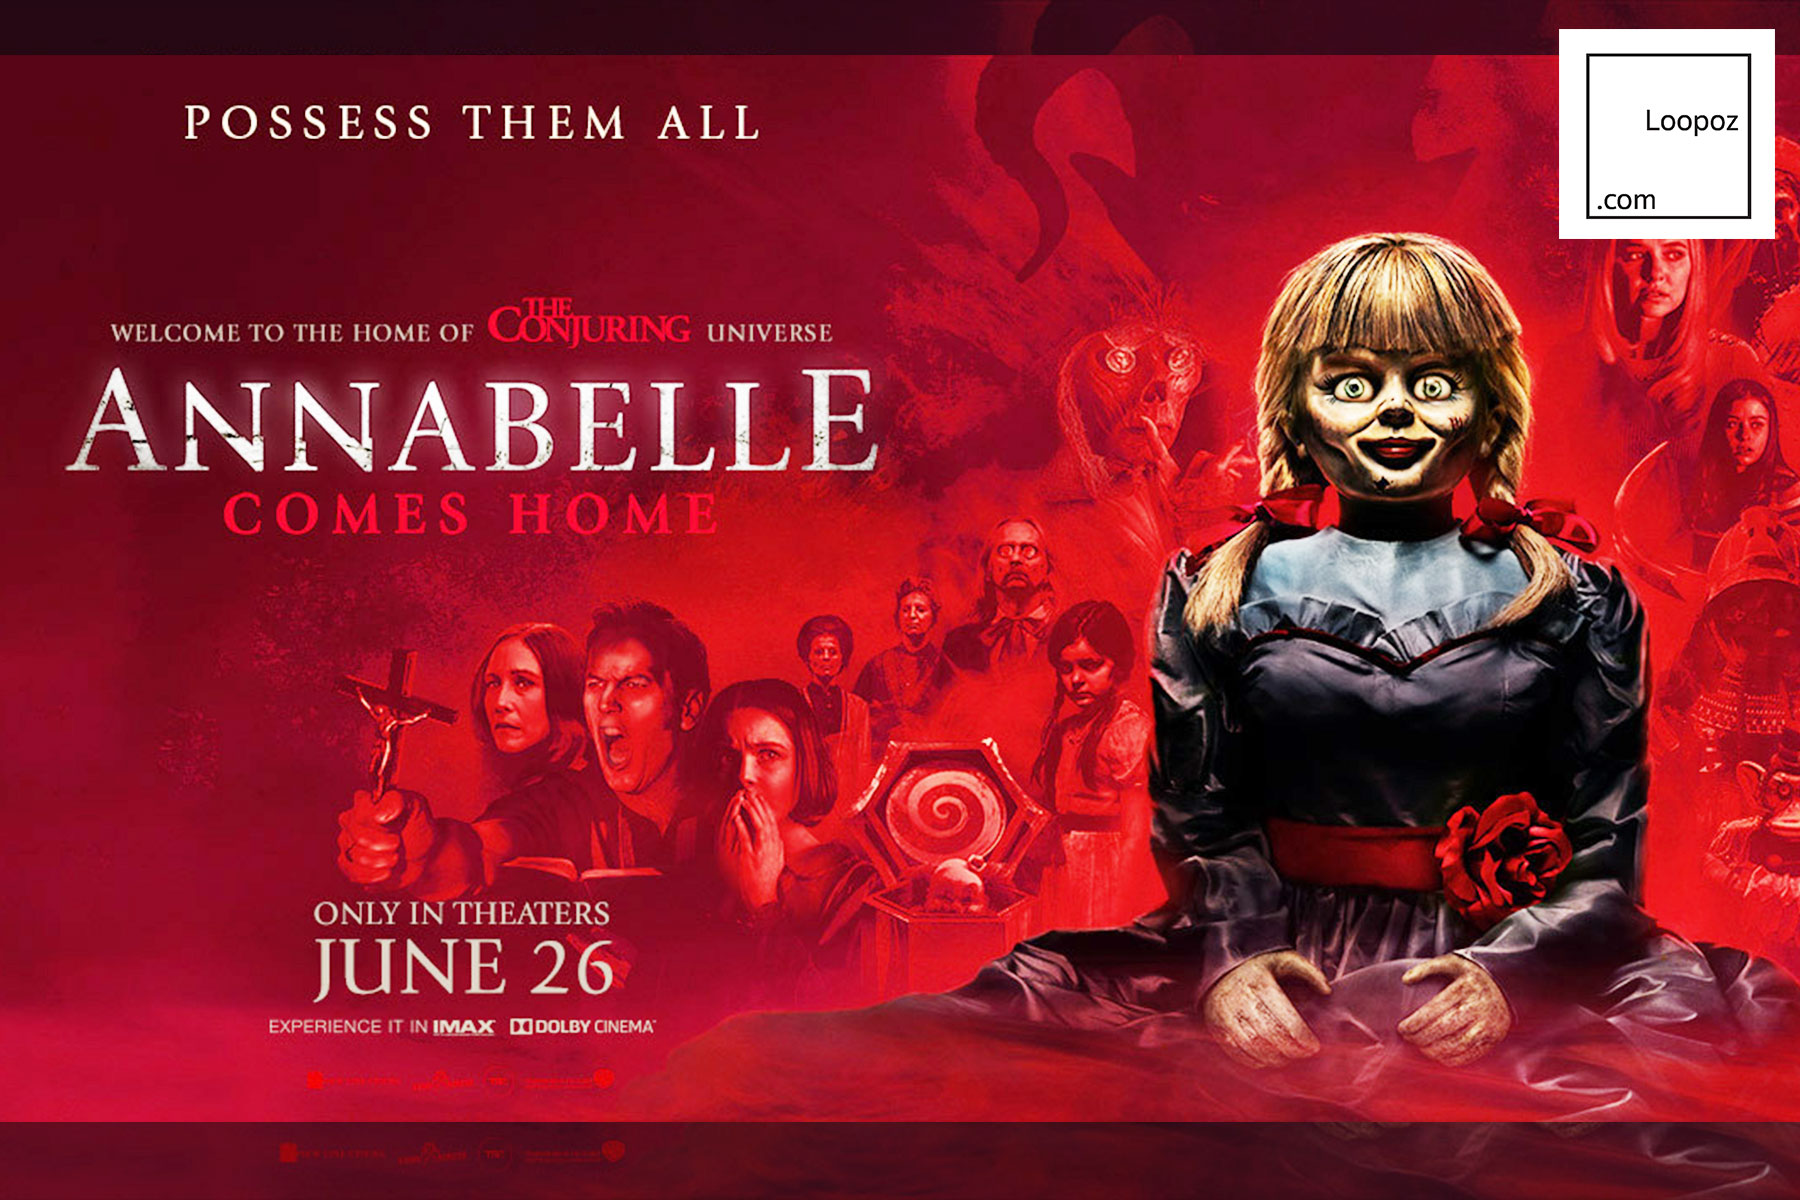 รีวิว 'Annabelle Comes Home' พาน้องกลับบ้าน